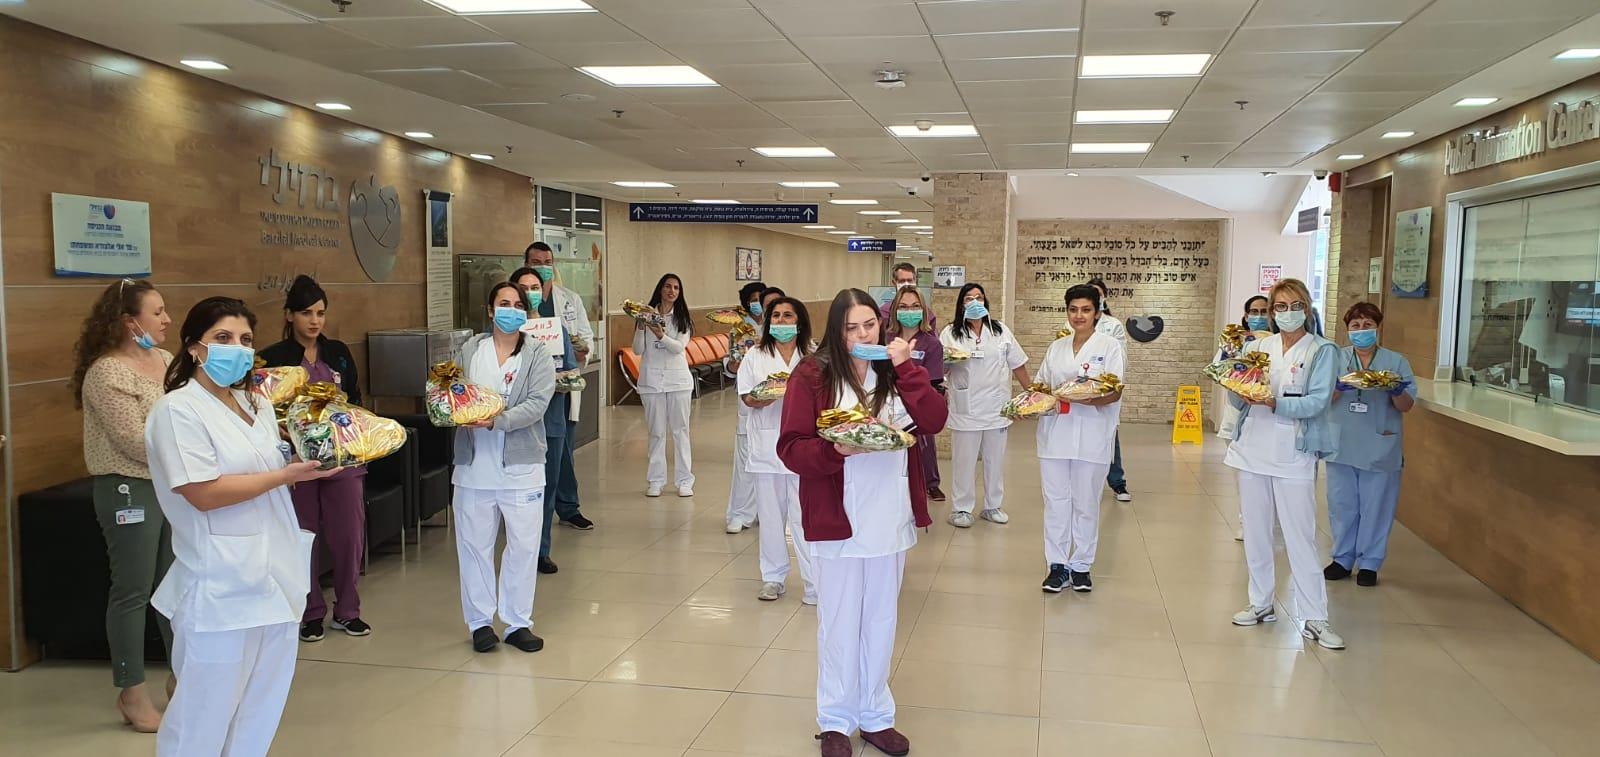 ברזילי, רופאים